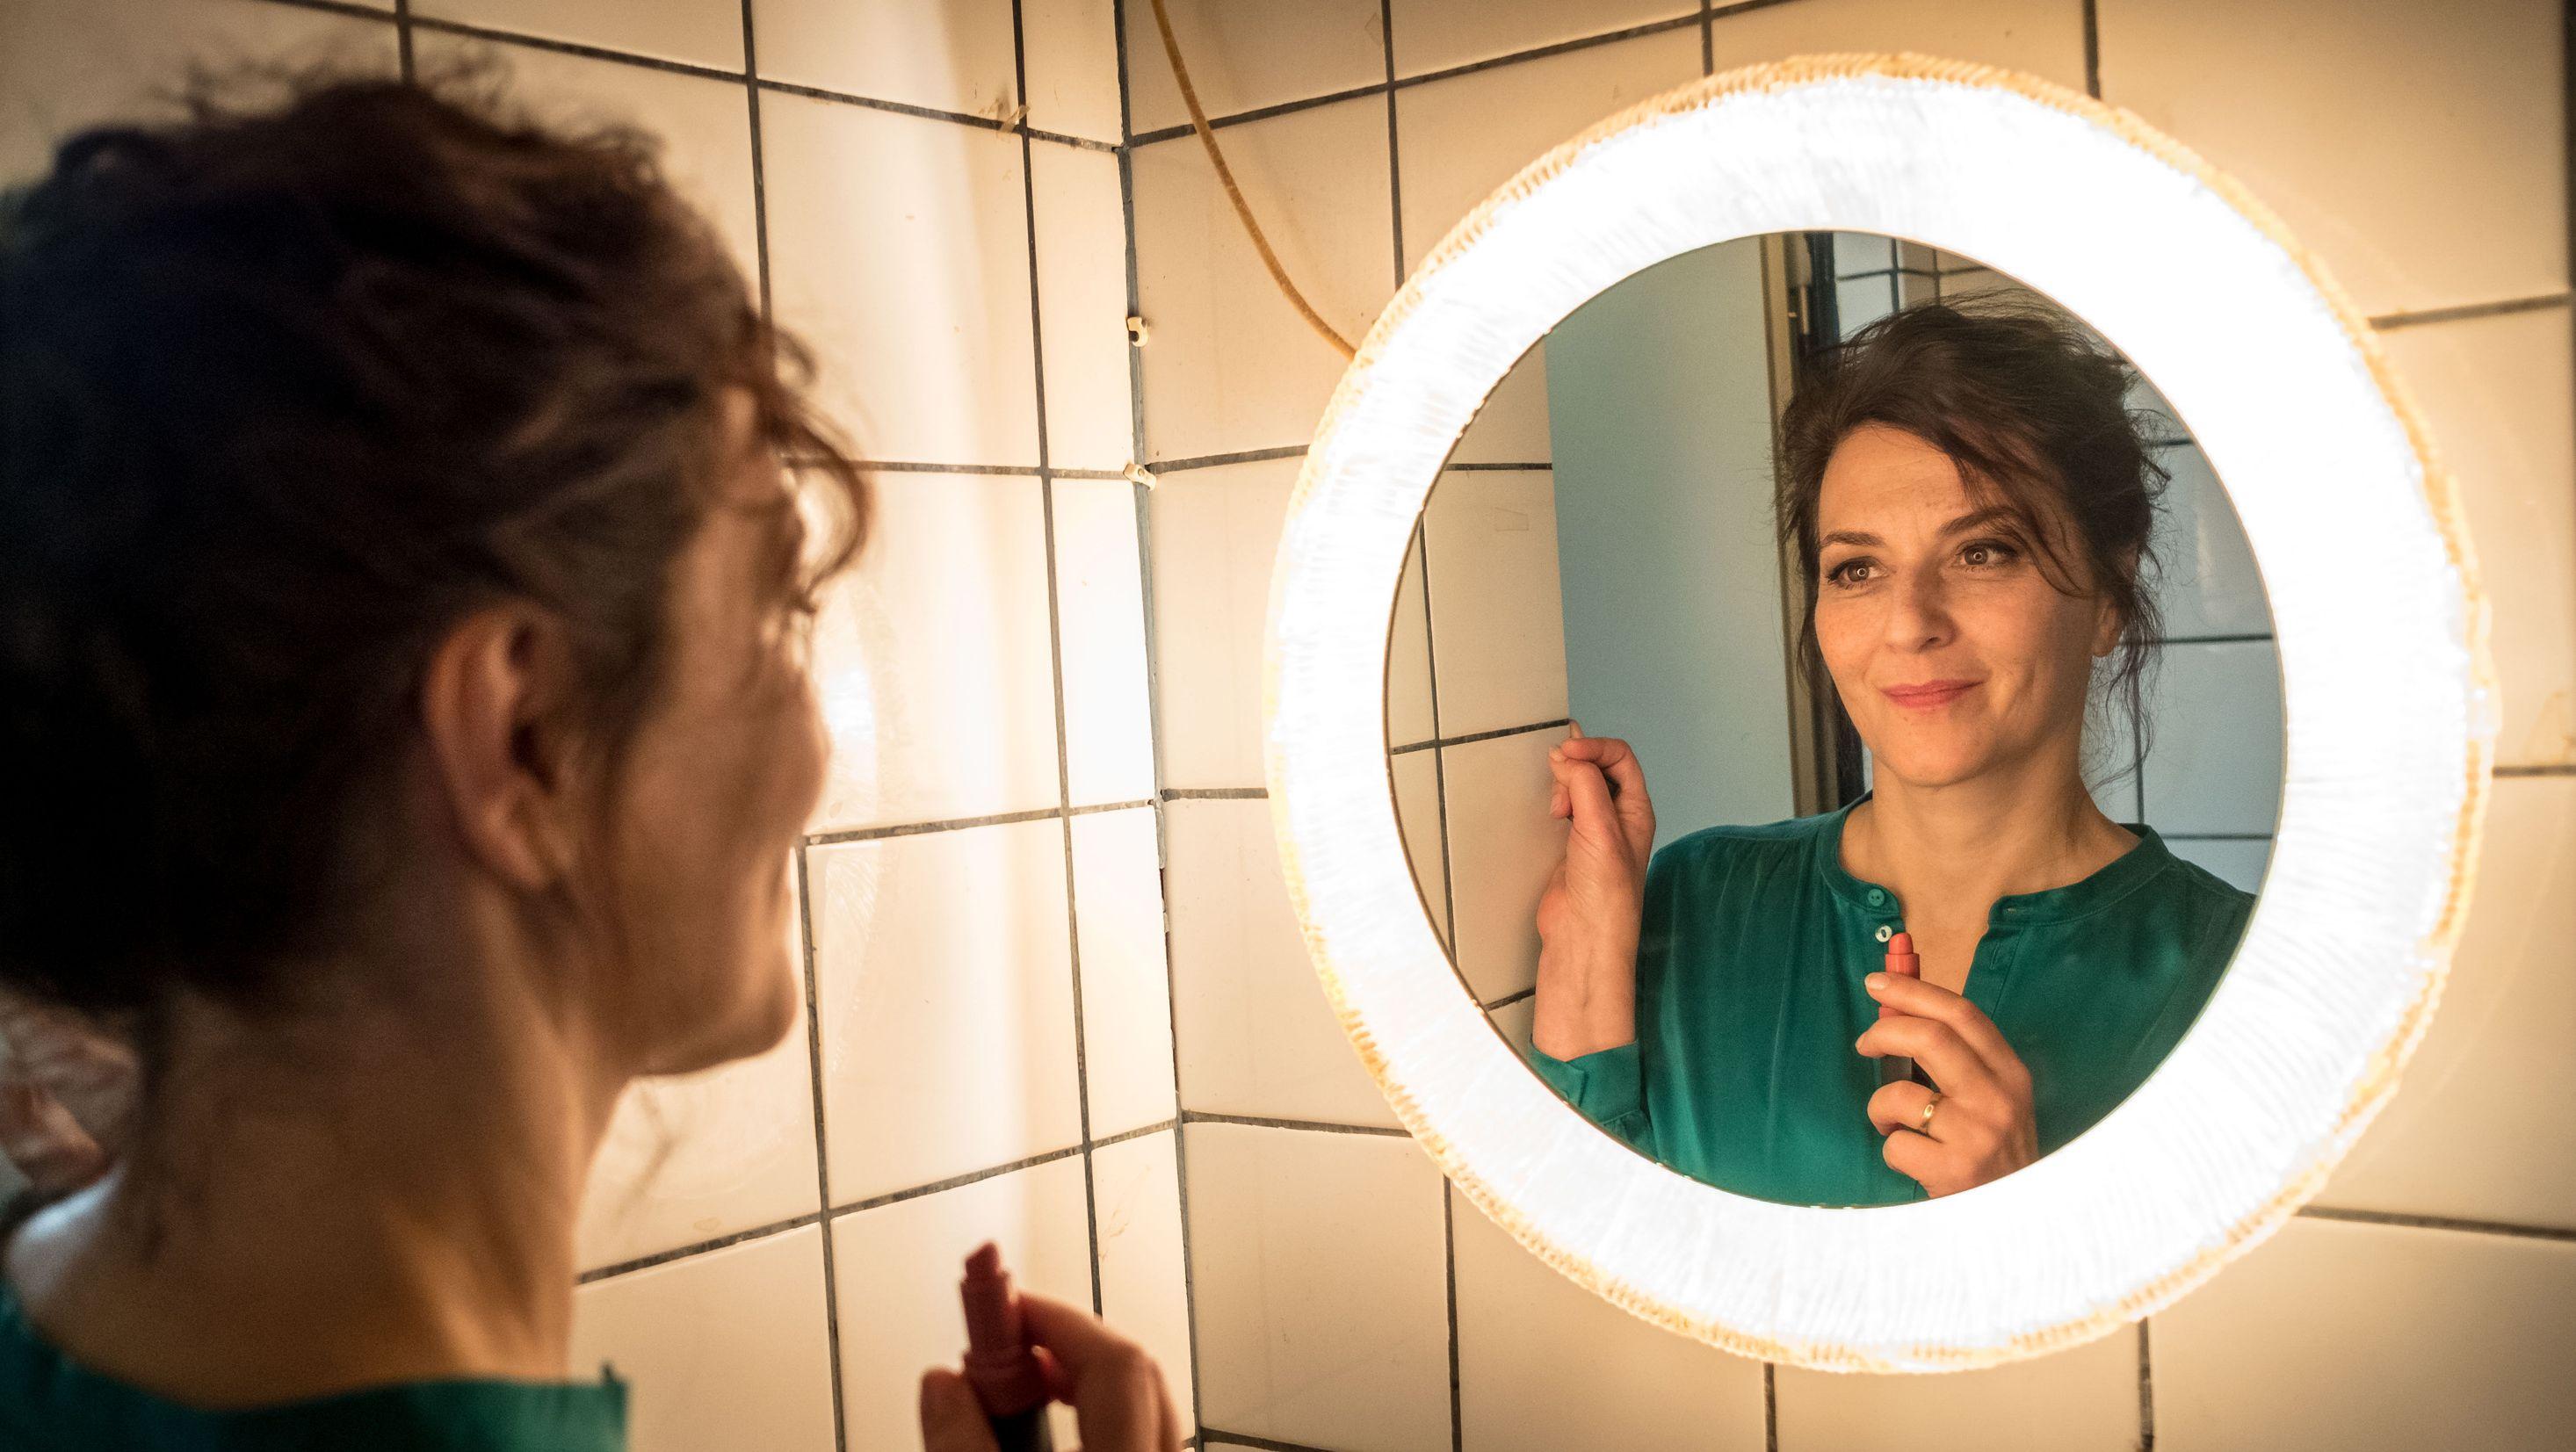 Martina Gedeck steht mit einem Lippenstift in der Hand vor einem Badezimmerspiegel